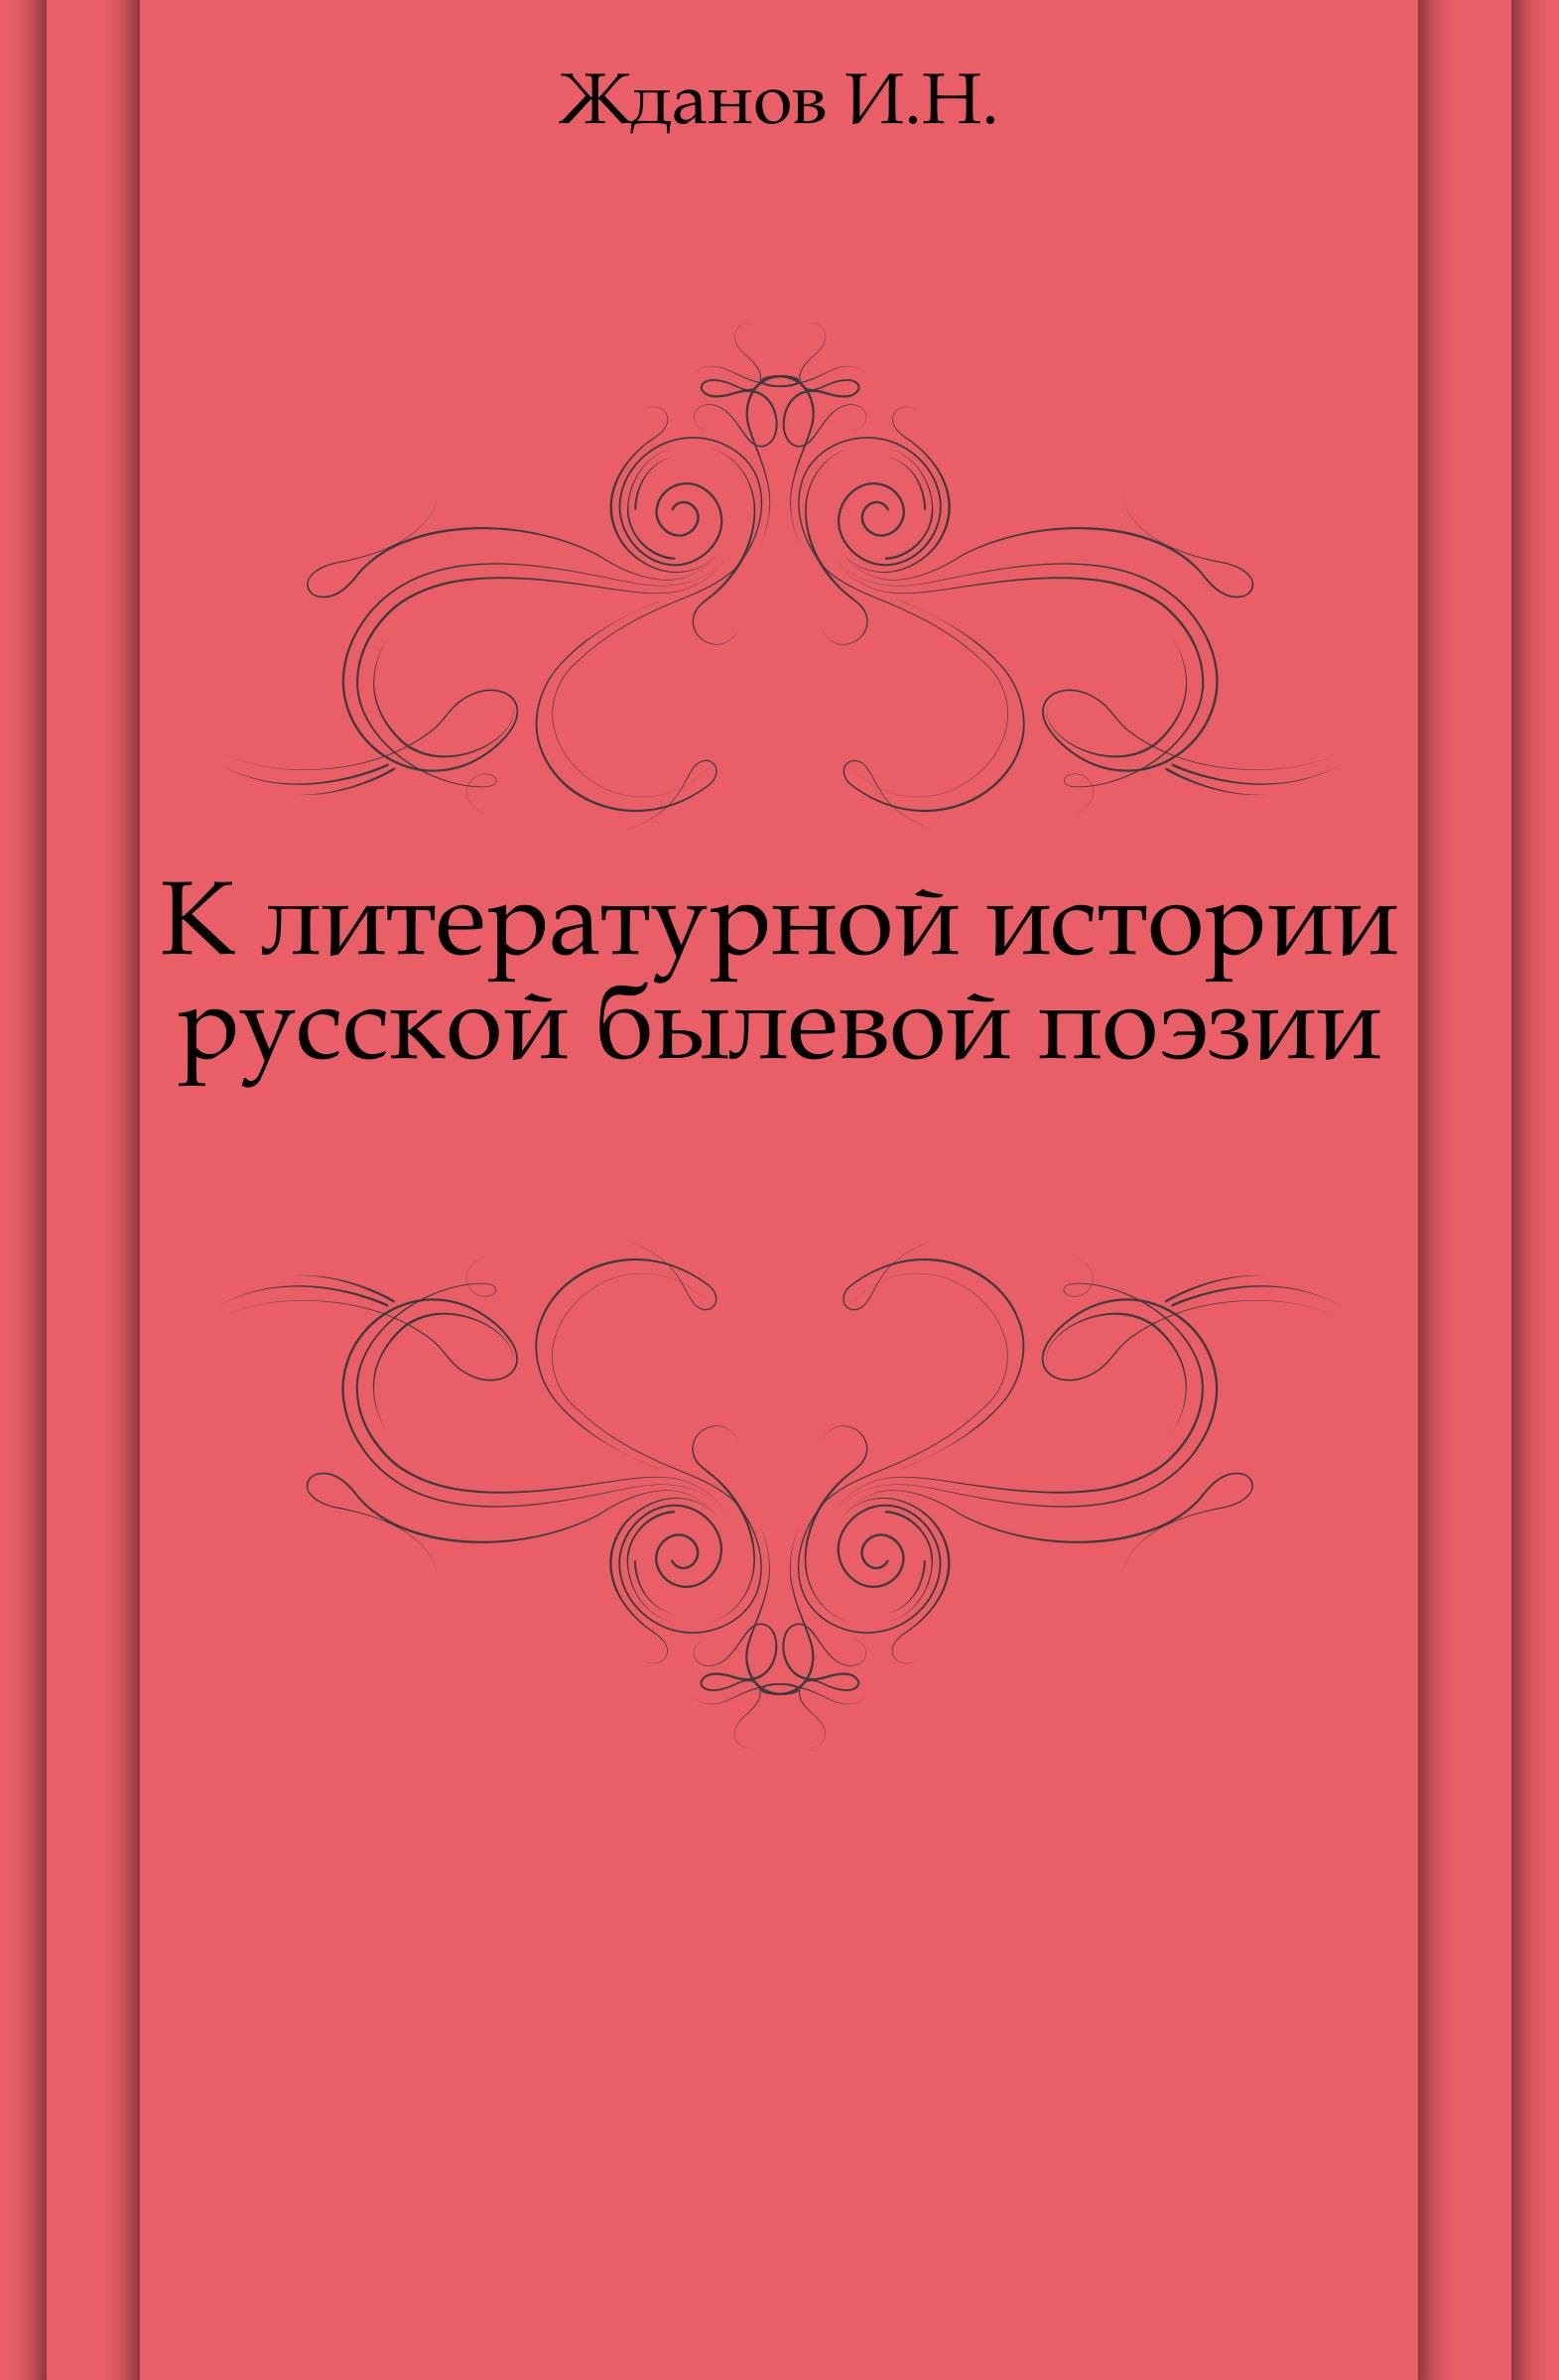 И.Н. Жданов К литературной истории русской былевой поэзии